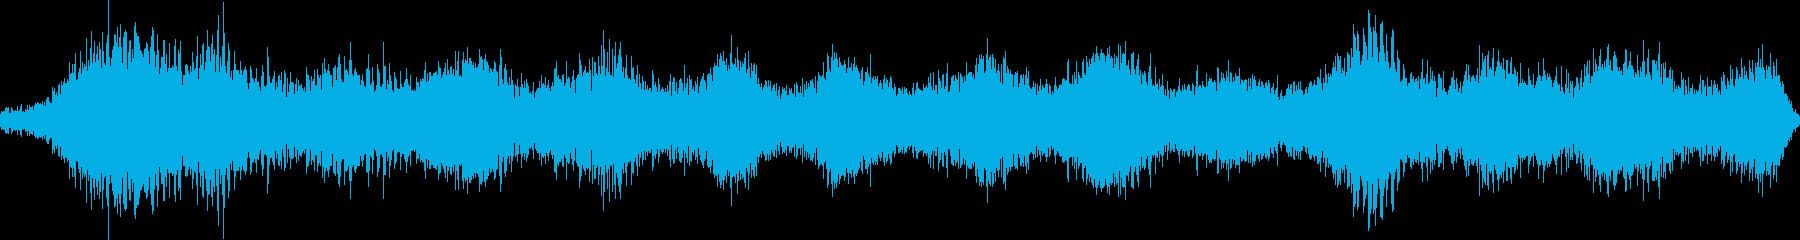 X Sounds 1301 ZGの再生済みの波形